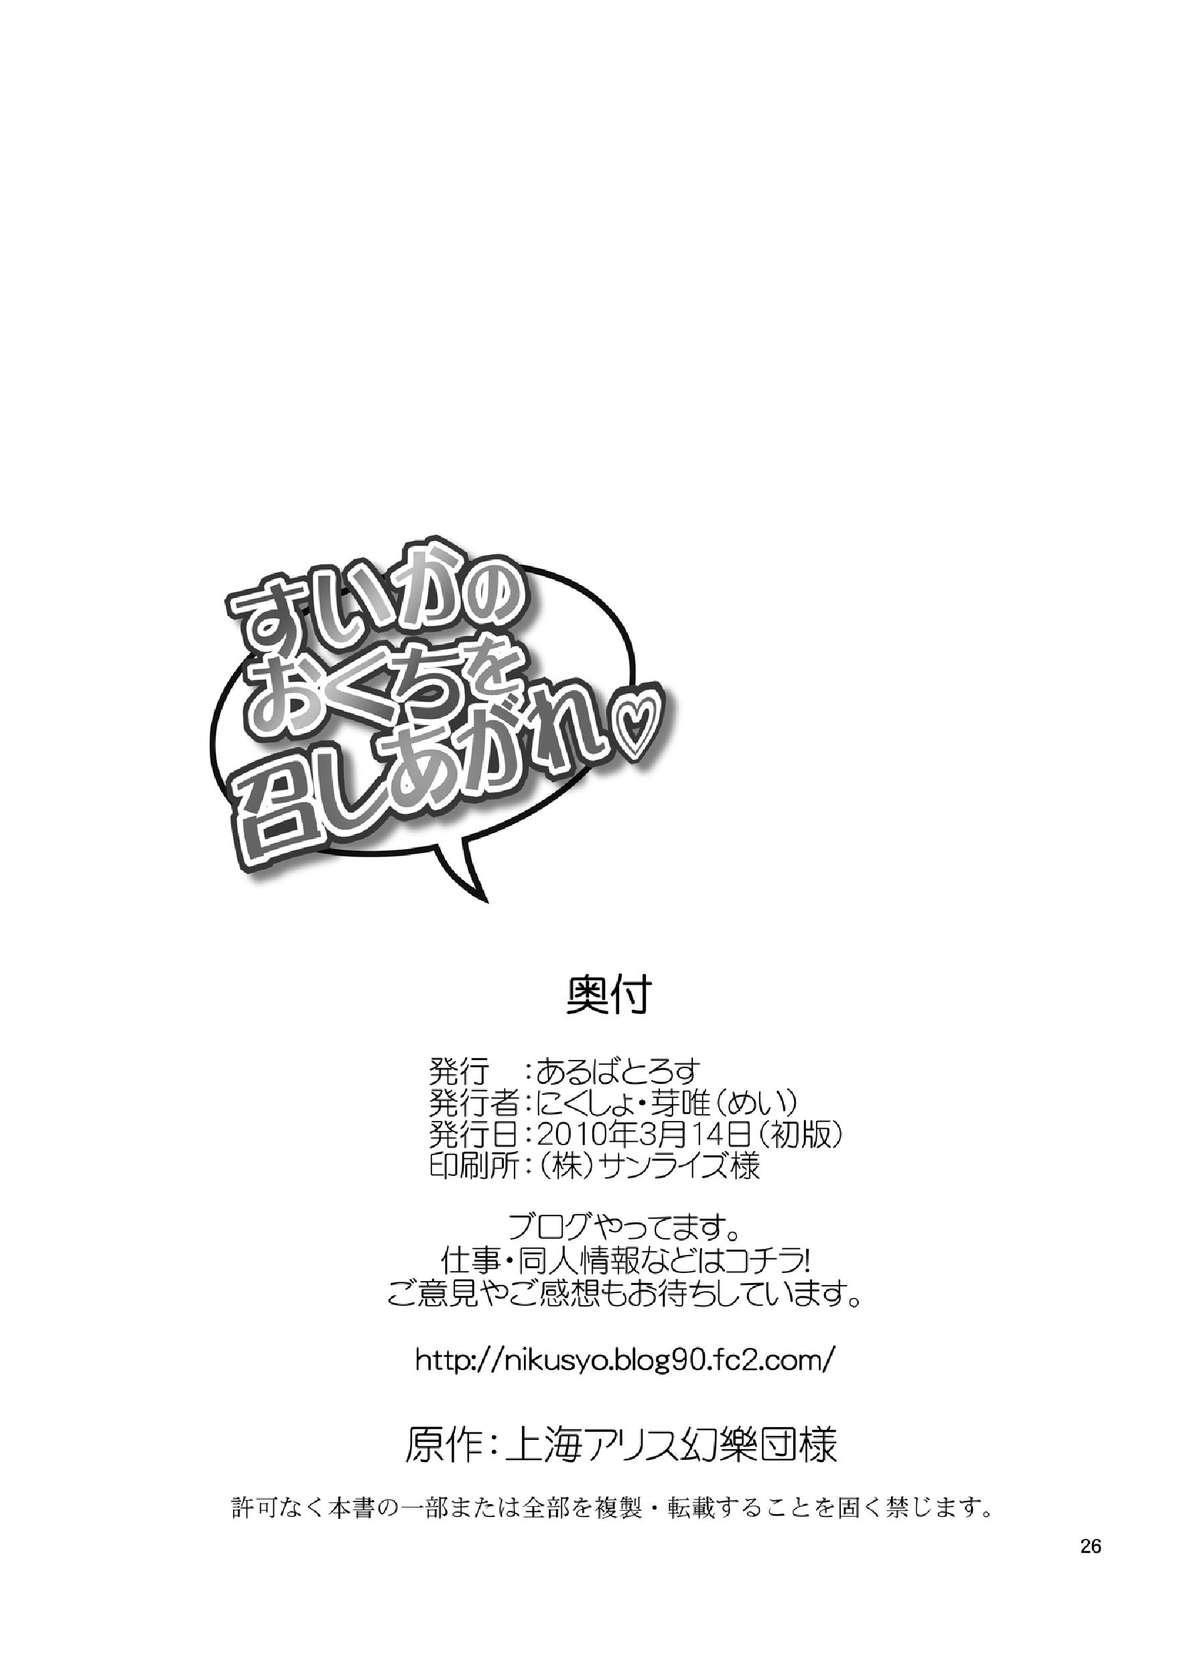 Suika no Okuchi o Meshiagare 24